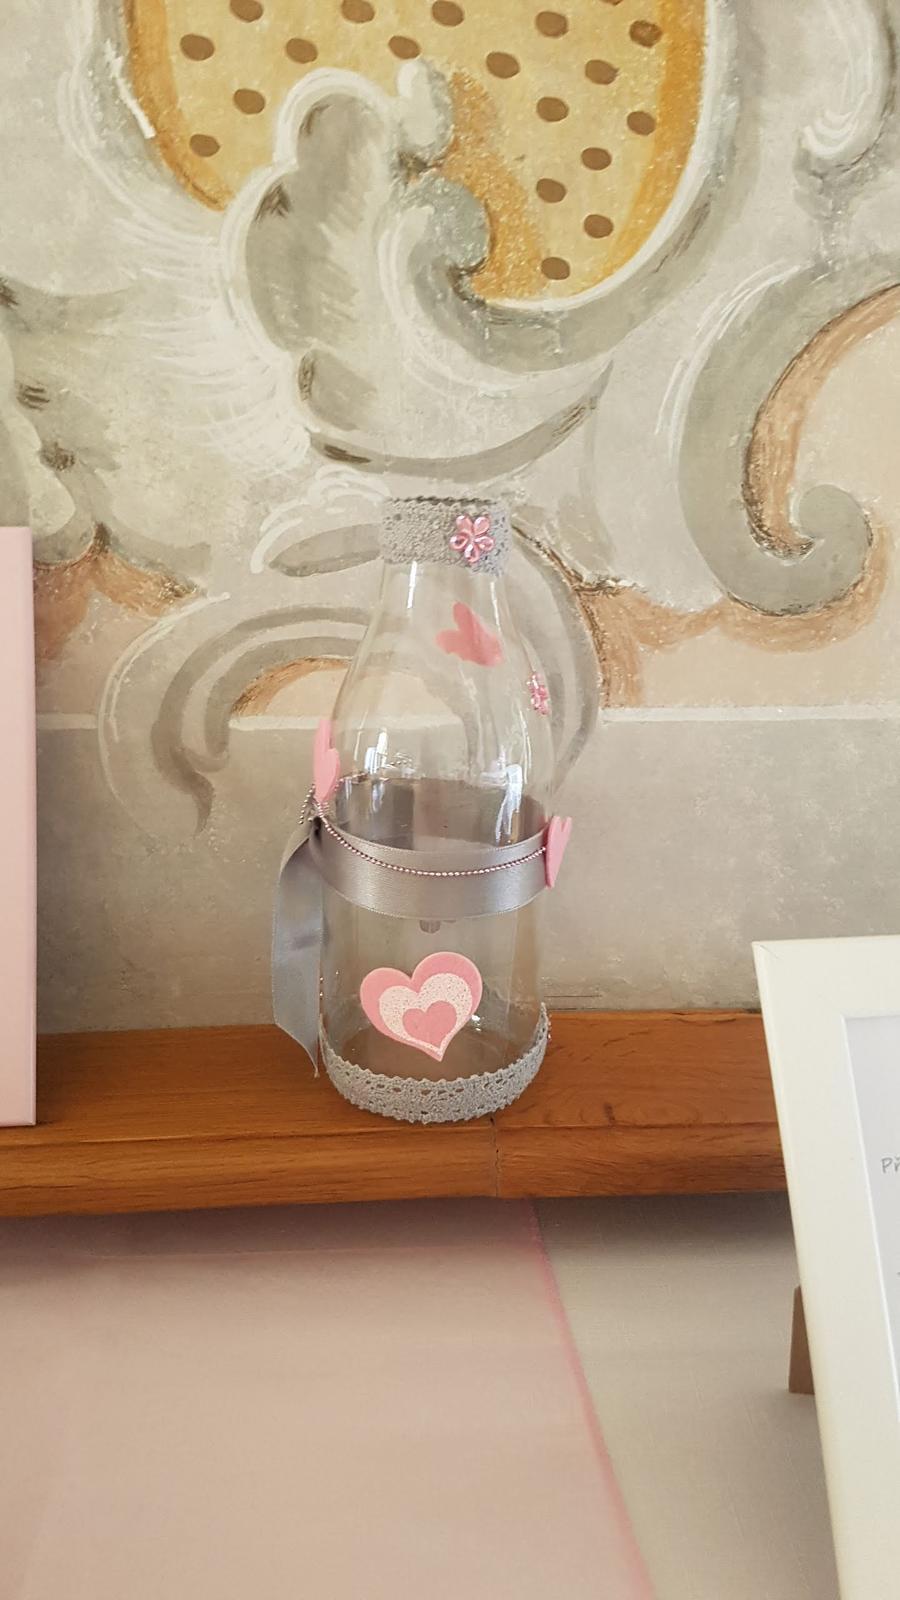 sklenice zdobená(váza, na vzkazy, brčka či nápoje) - Obrázek č. 2